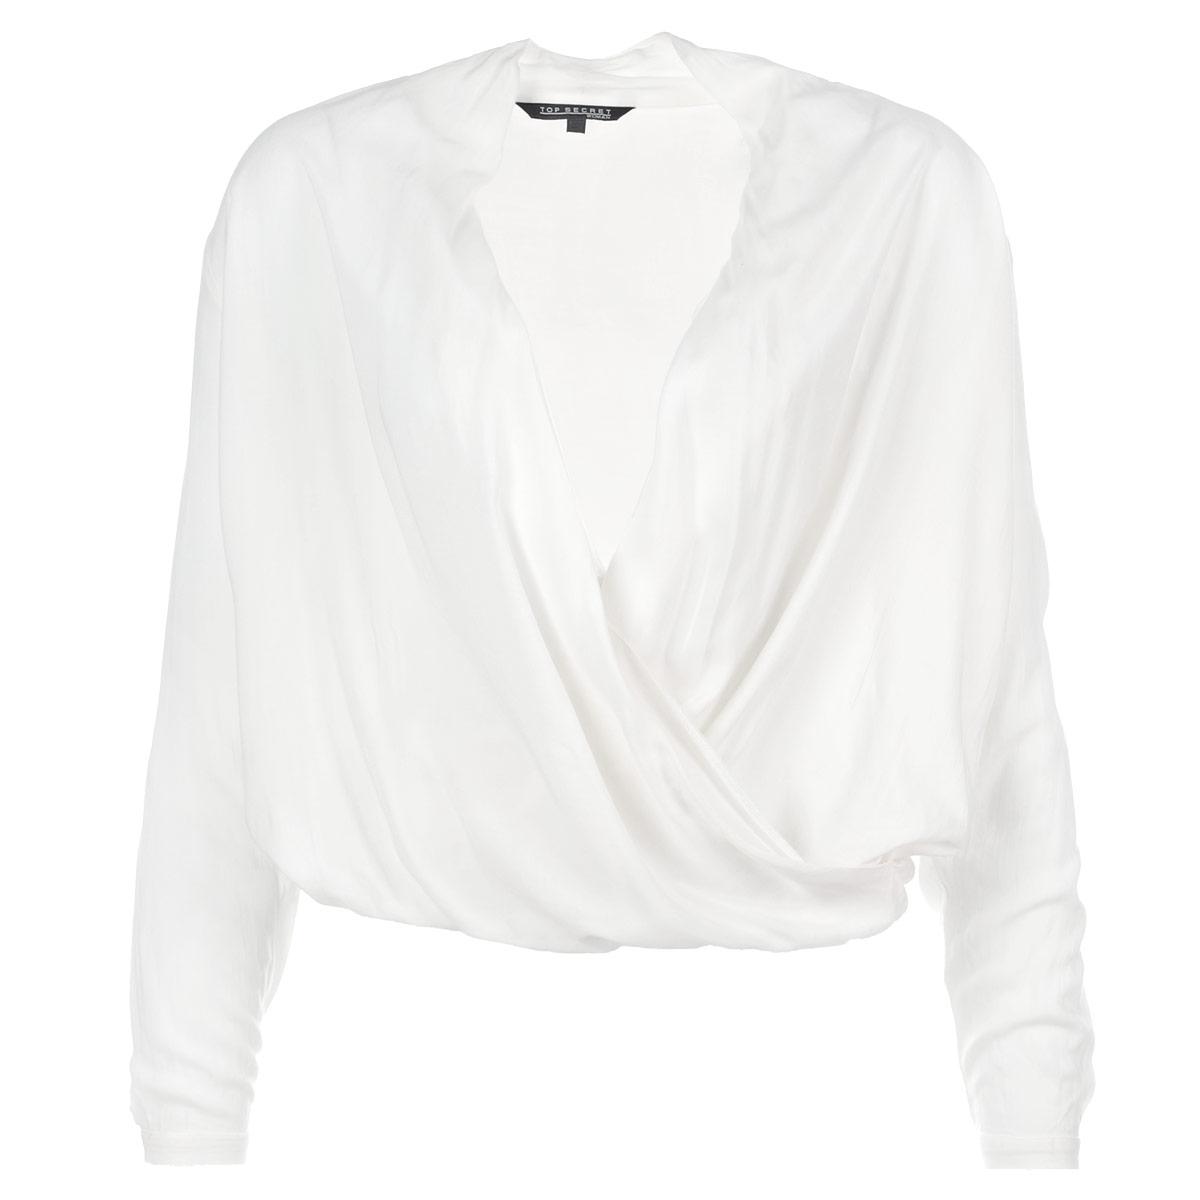 Блузка женская. SBD0531SBD0531BIВеликолепная легкая блузка Top Secret выполнена из высококачественного материала - очень мягкой и приятной на ощупь вискозы. Модель свободного кроя с запахом на груди, длинными рукавами и V-образным вырезом горловины. Манжеты застегиваются на пуговицы. По нижнему краю блузка собрана на резинку. Изделие отлично впишется в ваш гардероб и позволит создать множество стильных образов.